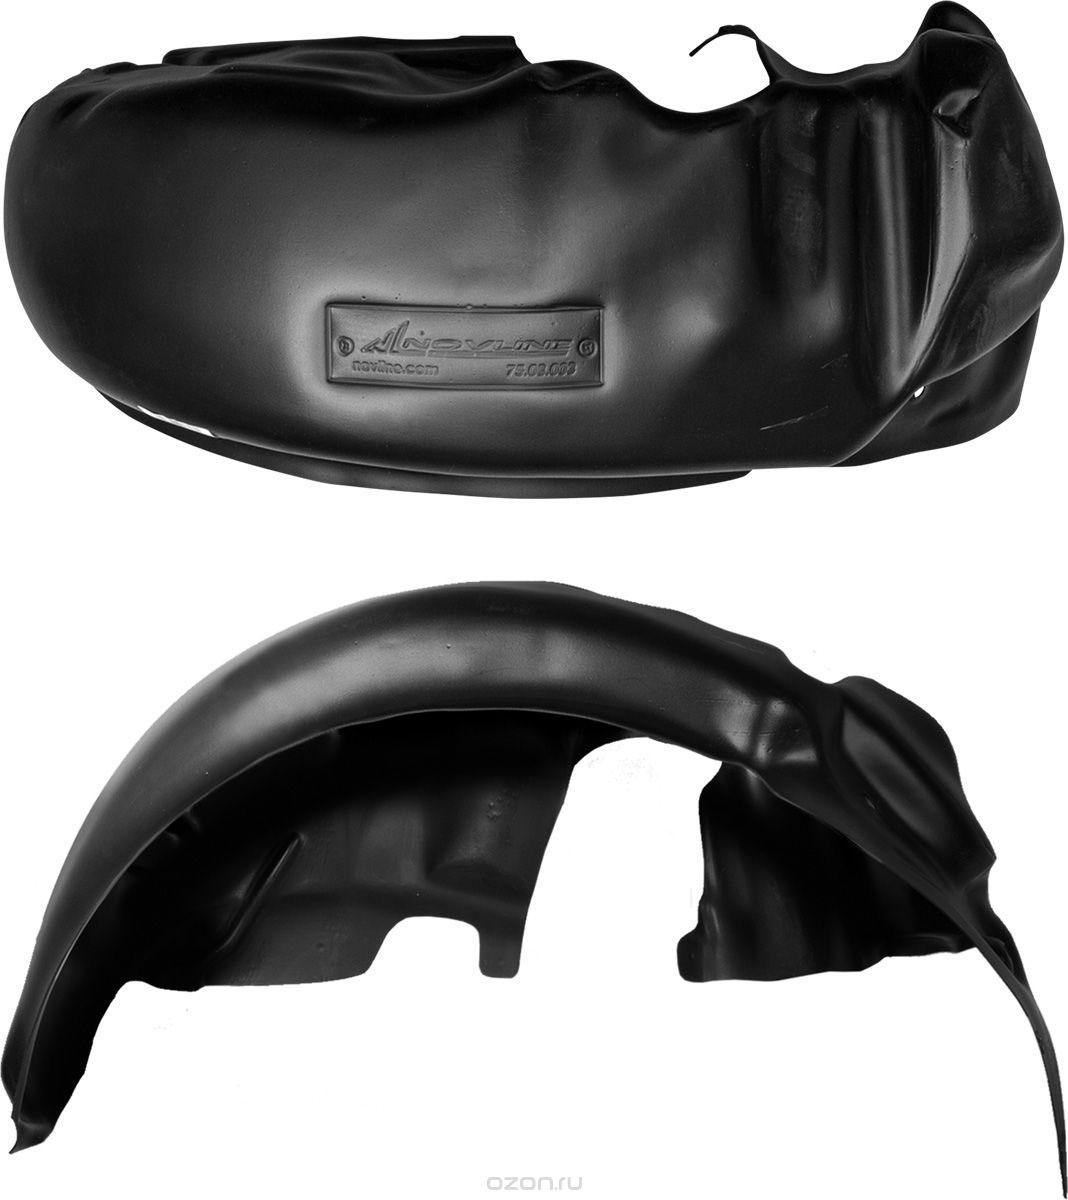 Подкрылок Novline-Autofamily, для Ford Transit, задний привод, двускат, 2014->, задний левыйNLL.16.57.003Идеальная защита колесной ниши. Локеры разработаны с применением цифровых технологий, гарантируют максимальную повторяемость поверхности арки. Изделия устанавливаются без нарушения лакокрасочного покрытия автомобиля, каждый подкрылок комплектуется крепежом. Уважаемые клиенты, обращаем ваше внимание, что фотографии на подкрылки универсальные и не отражают реальную форму изделия. При этом само изделие идет точно под размер указанного автомобиля.